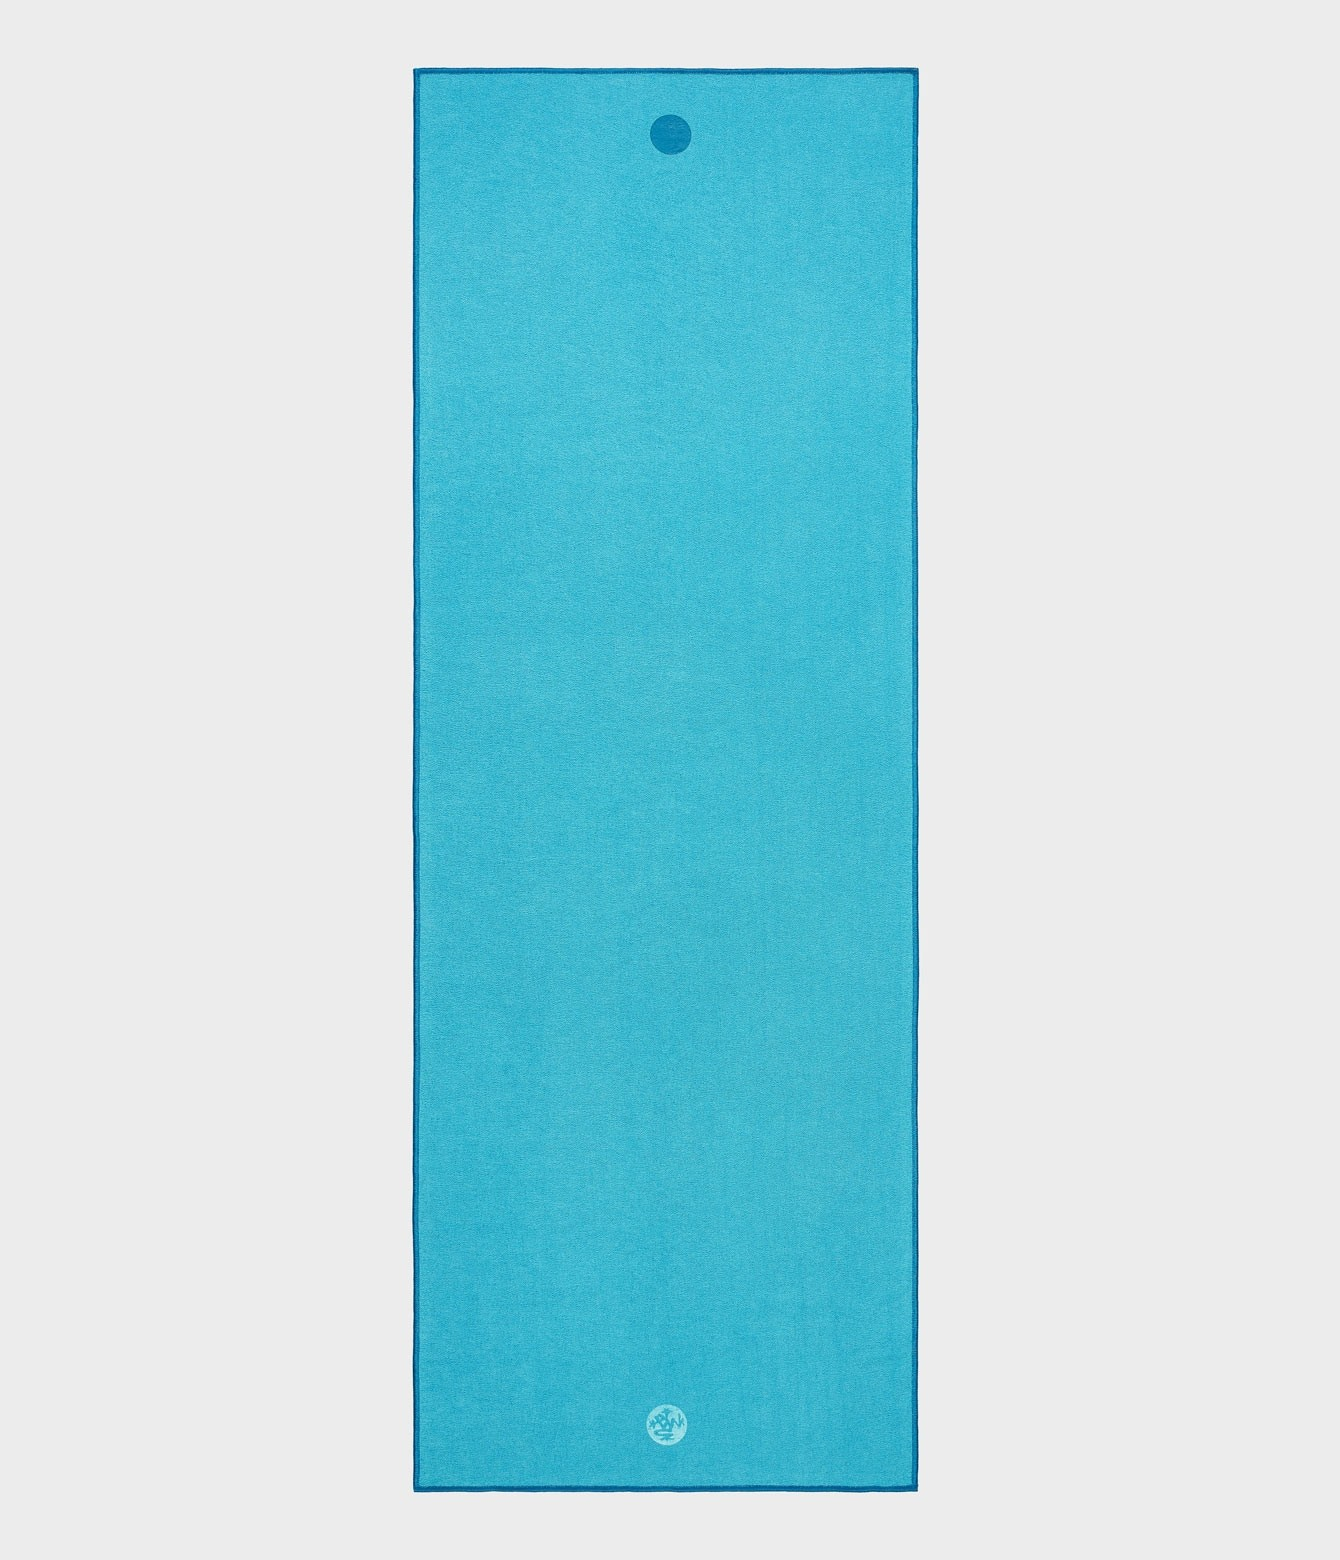 manduka yogitoes turquoise